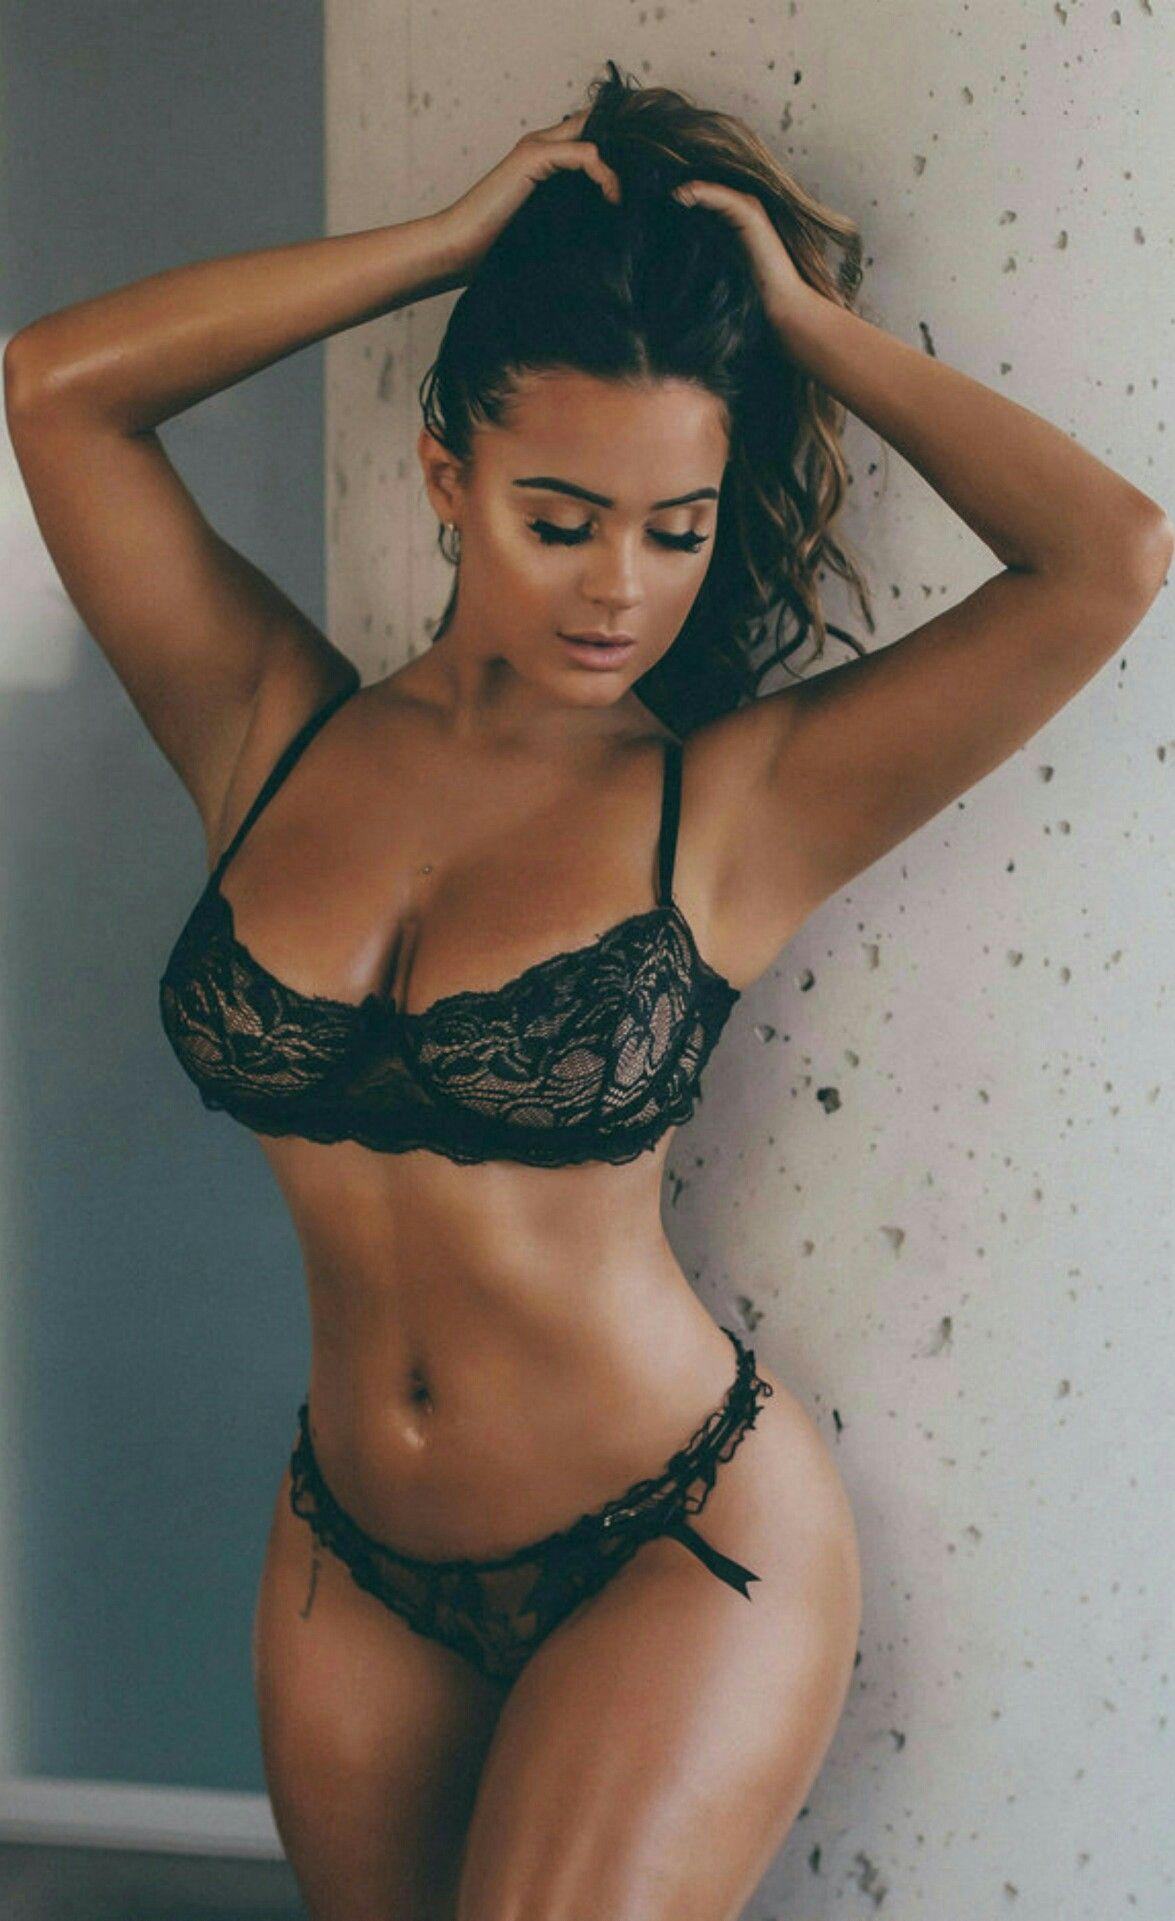 Bikini Kerrie-Lee Cowan nudes (99 photos), Pussy, Fappening, Selfie, lingerie 2017